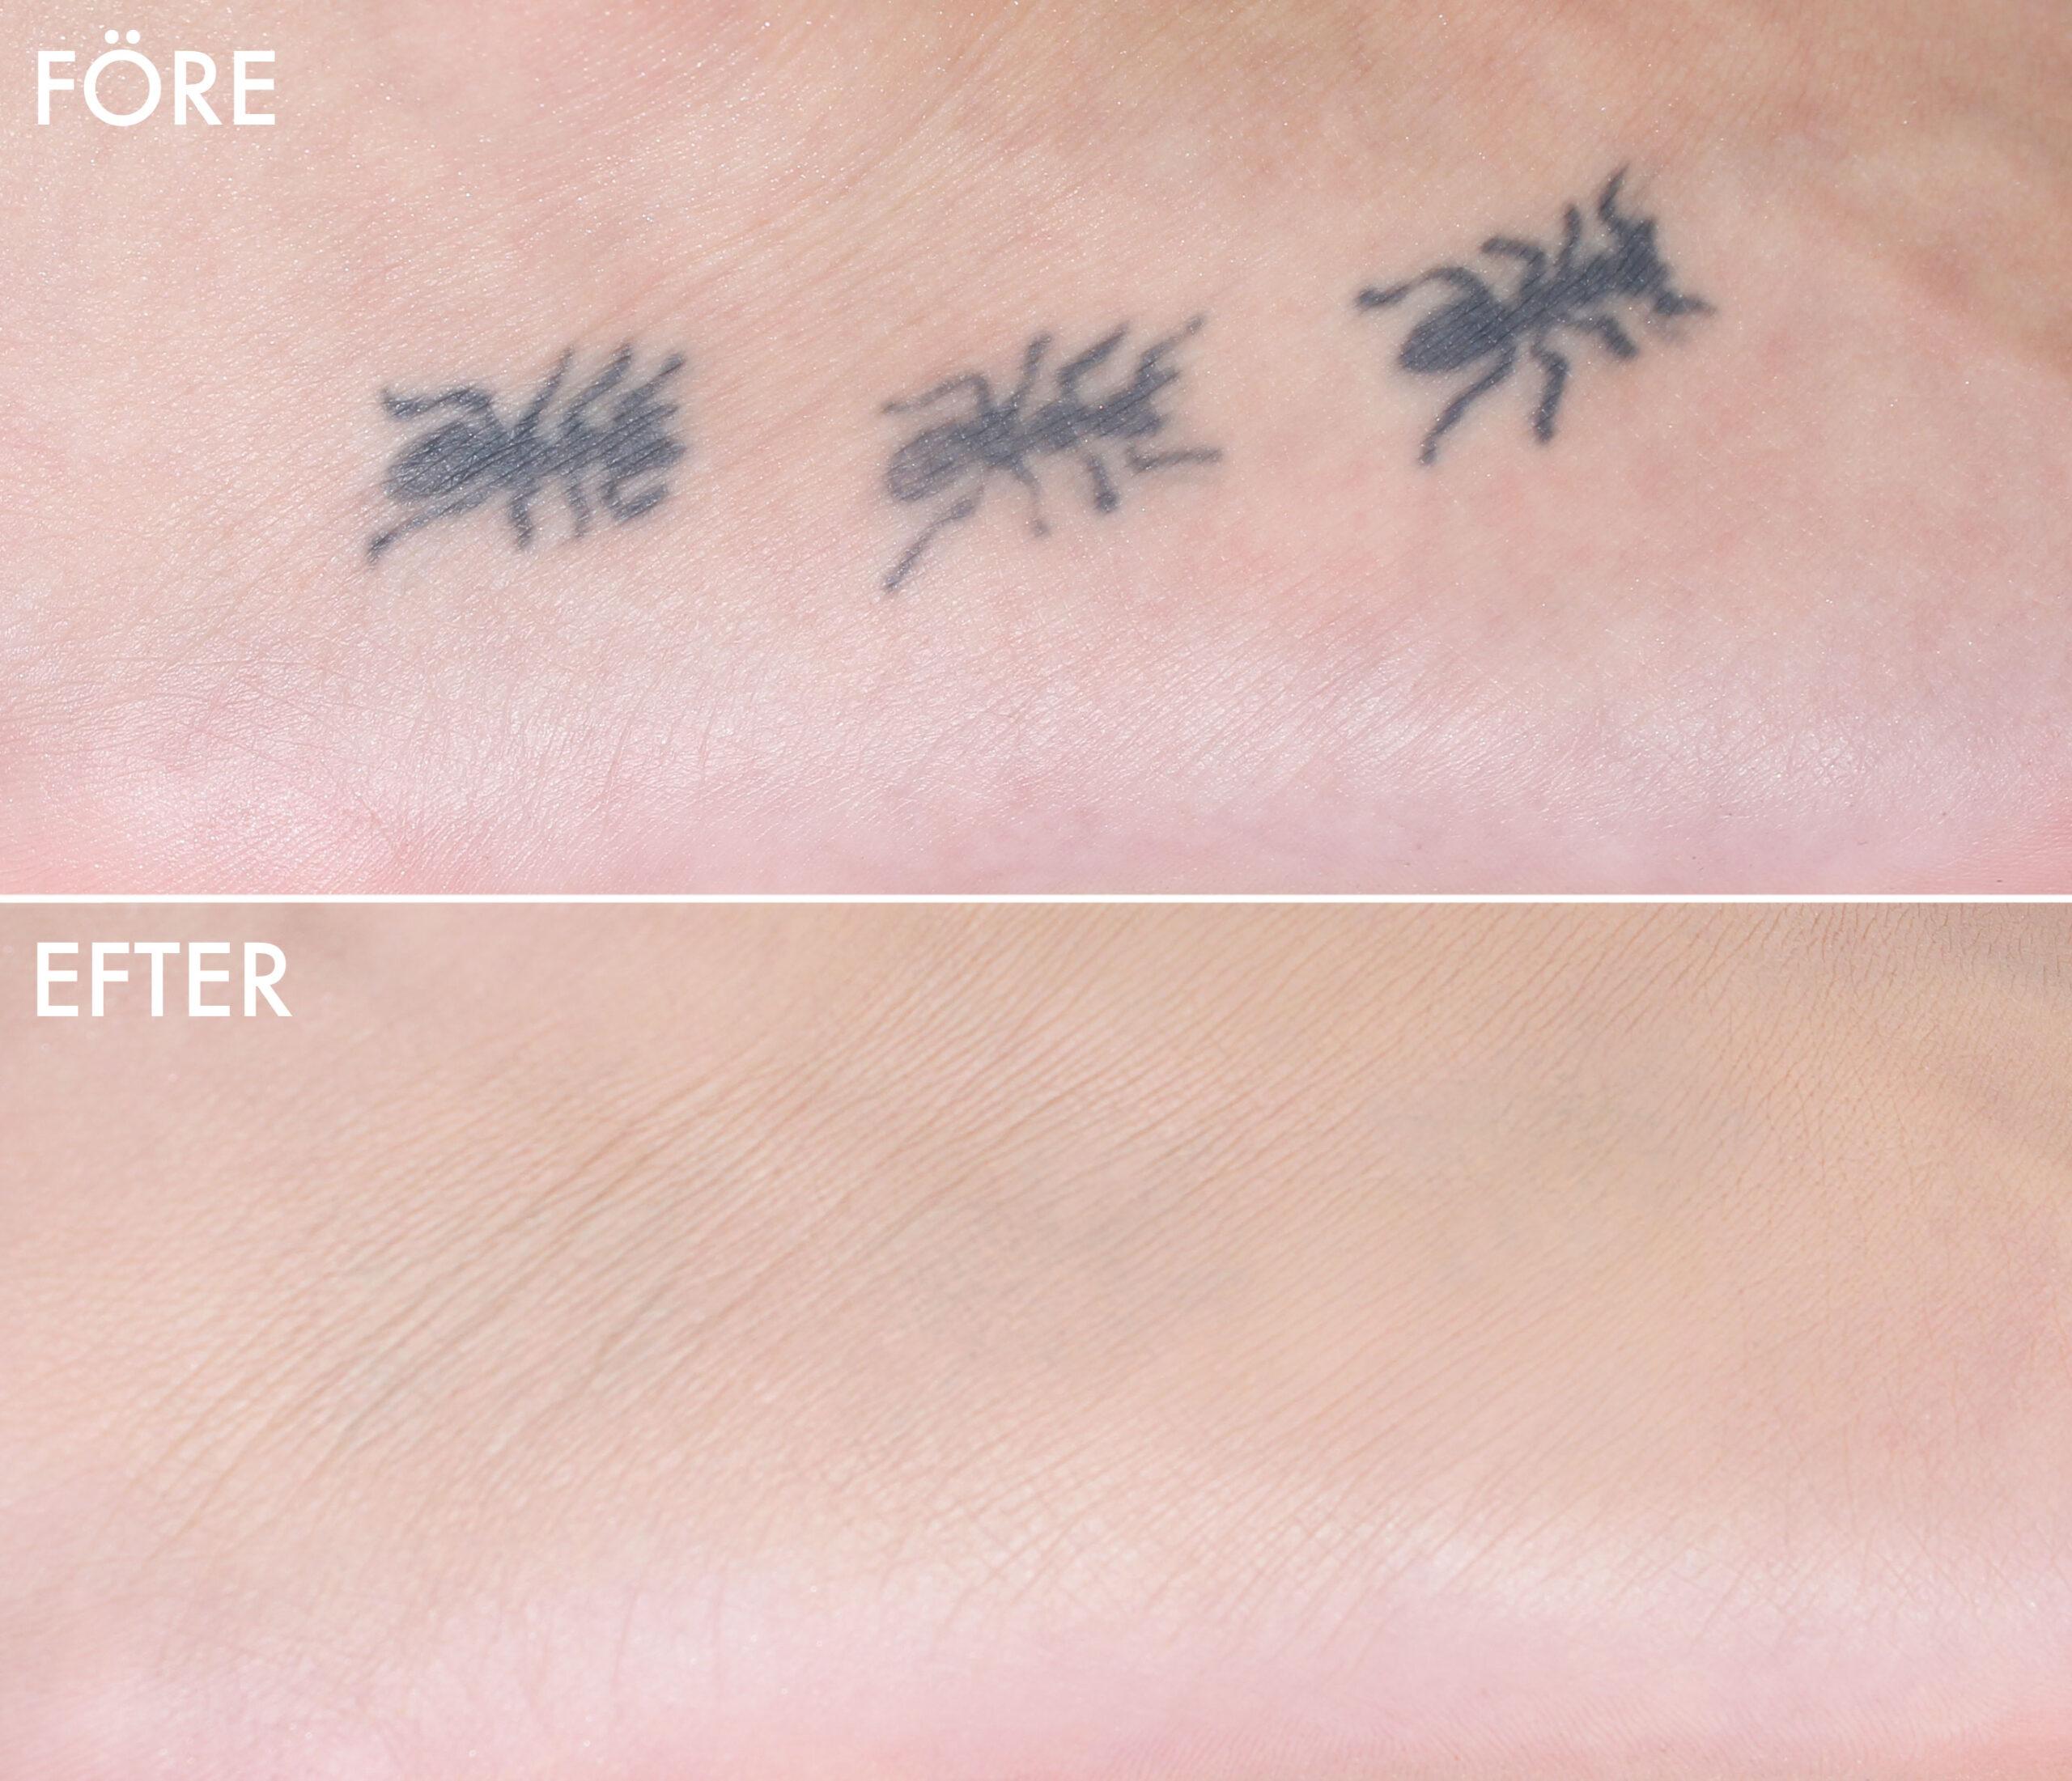 täcka tatuering smink